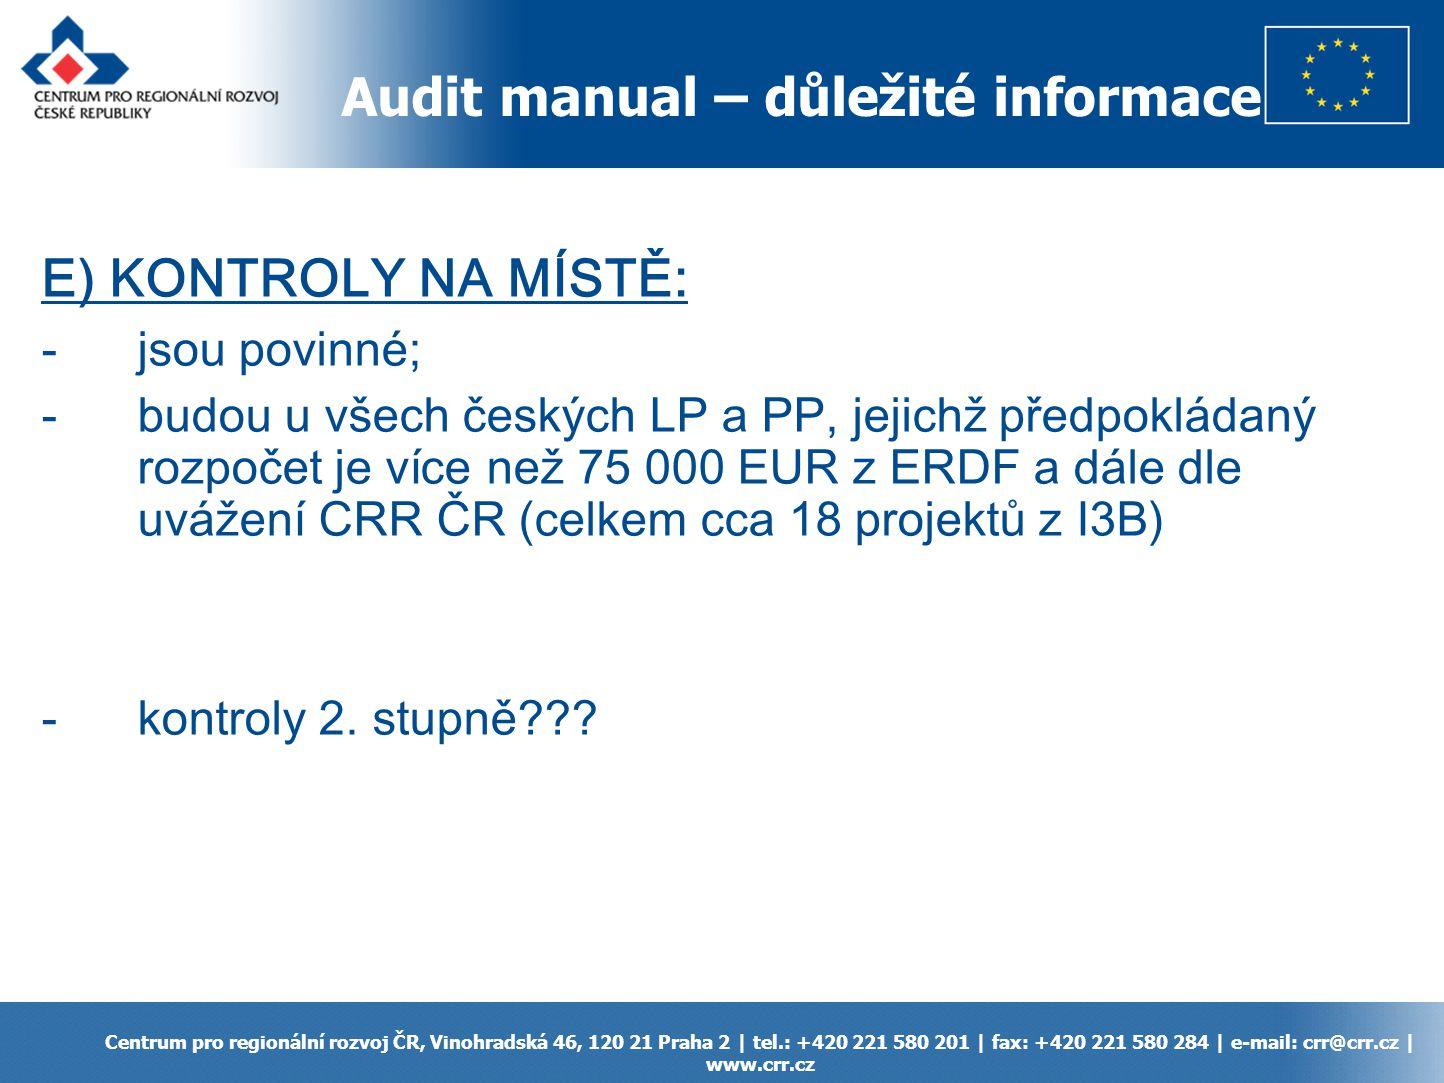 Audit manual – důležité informace Centrum pro regionální rozvoj ČR, Vinohradská 46, 120 21 Praha 2 | tel.: +420 221 580 201 | fax: +420 221 580 284 | e-mail: crr@crr.cz | www.crr.cz E) KONTROLY NA MÍSTĚ: -jsou povinné; -budou u všech českých LP a PP, jejichž předpokládaný rozpočet je více než 75 000 EUR z ERDF a dále dle uvážení CRR ČR (celkem cca 18 projektů z I3B) -kontroly 2.